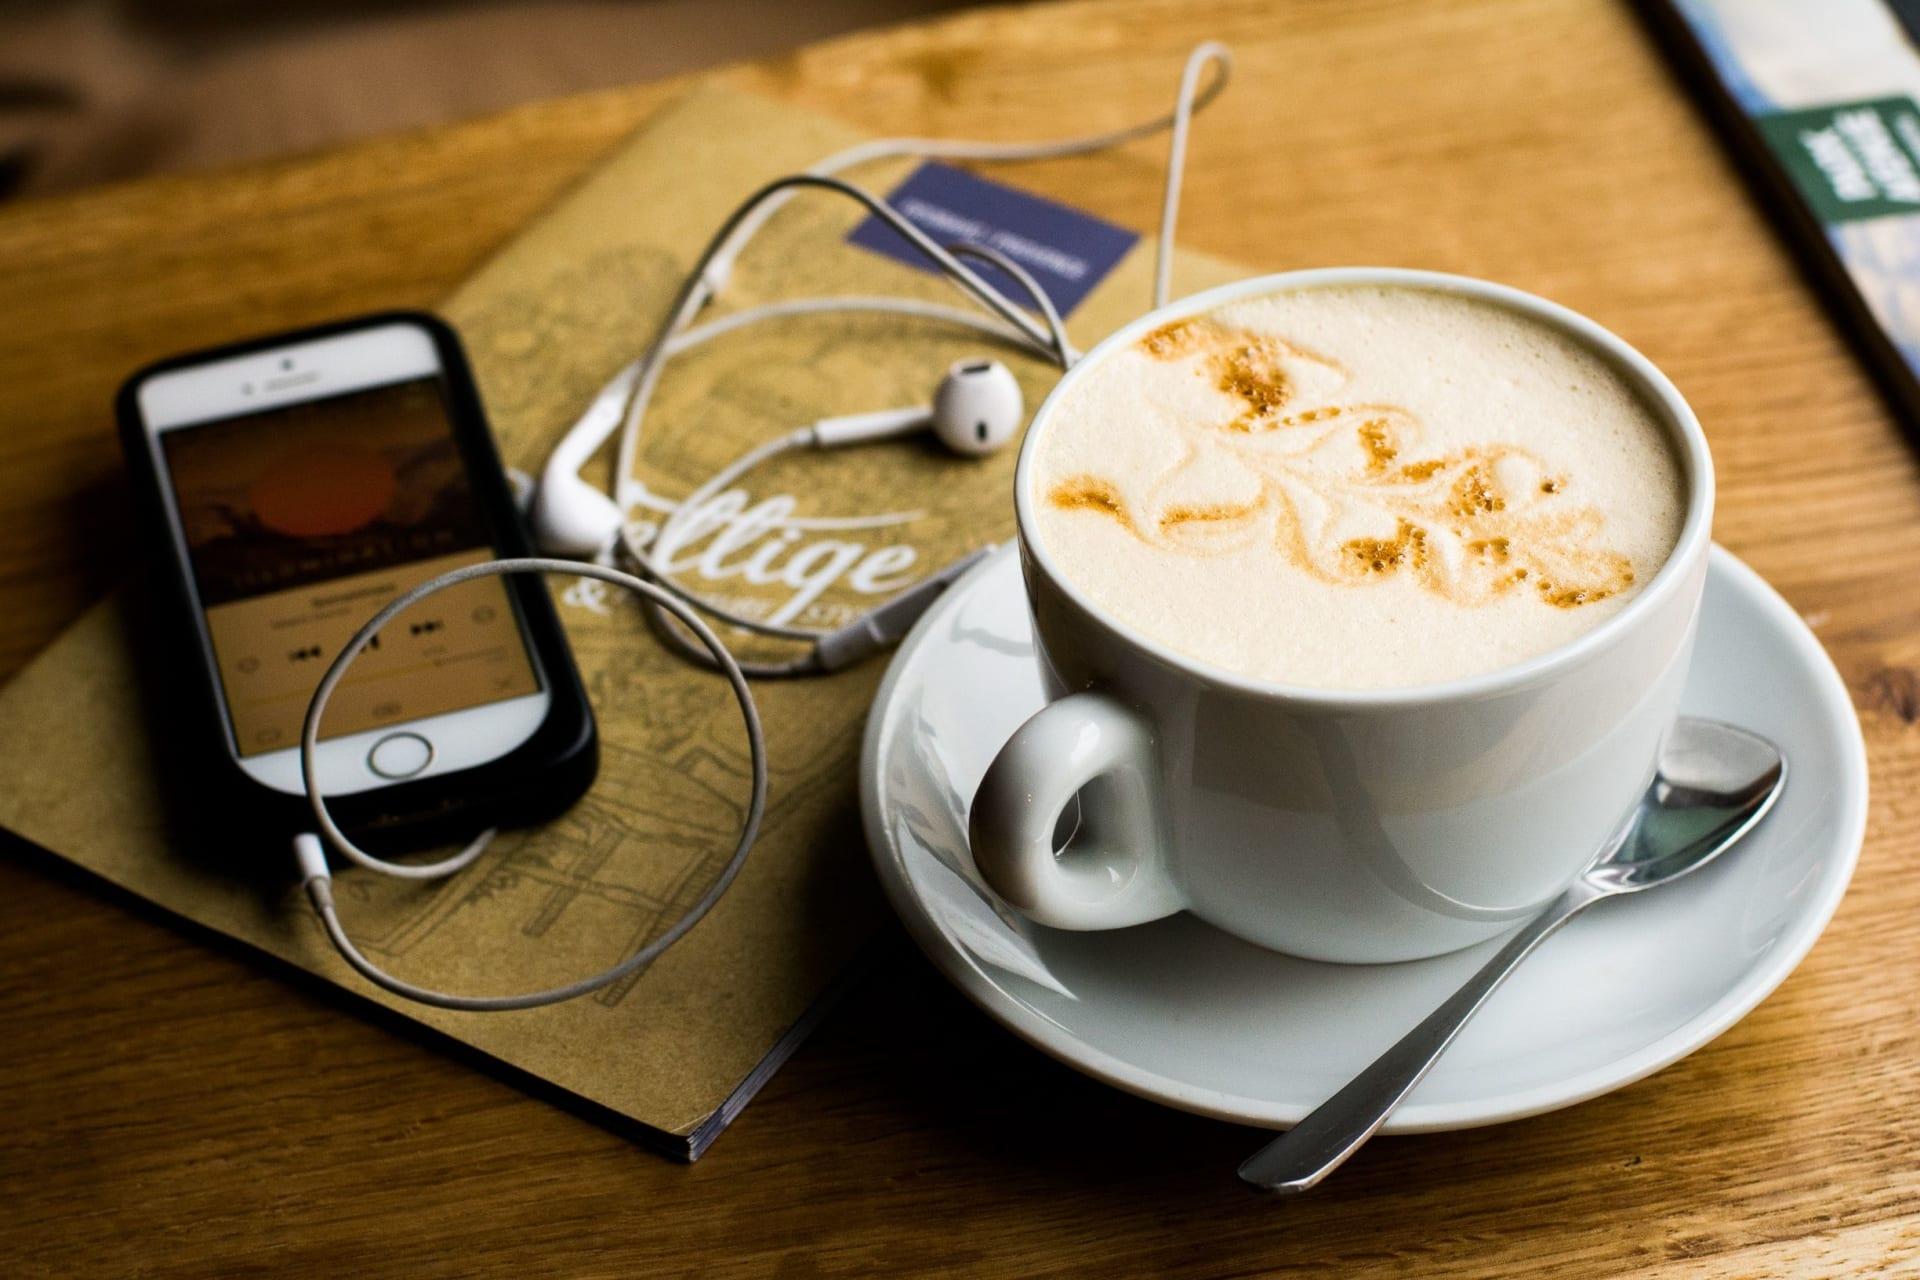 Kaffee und Podcast. Tolle Kombination, oder?